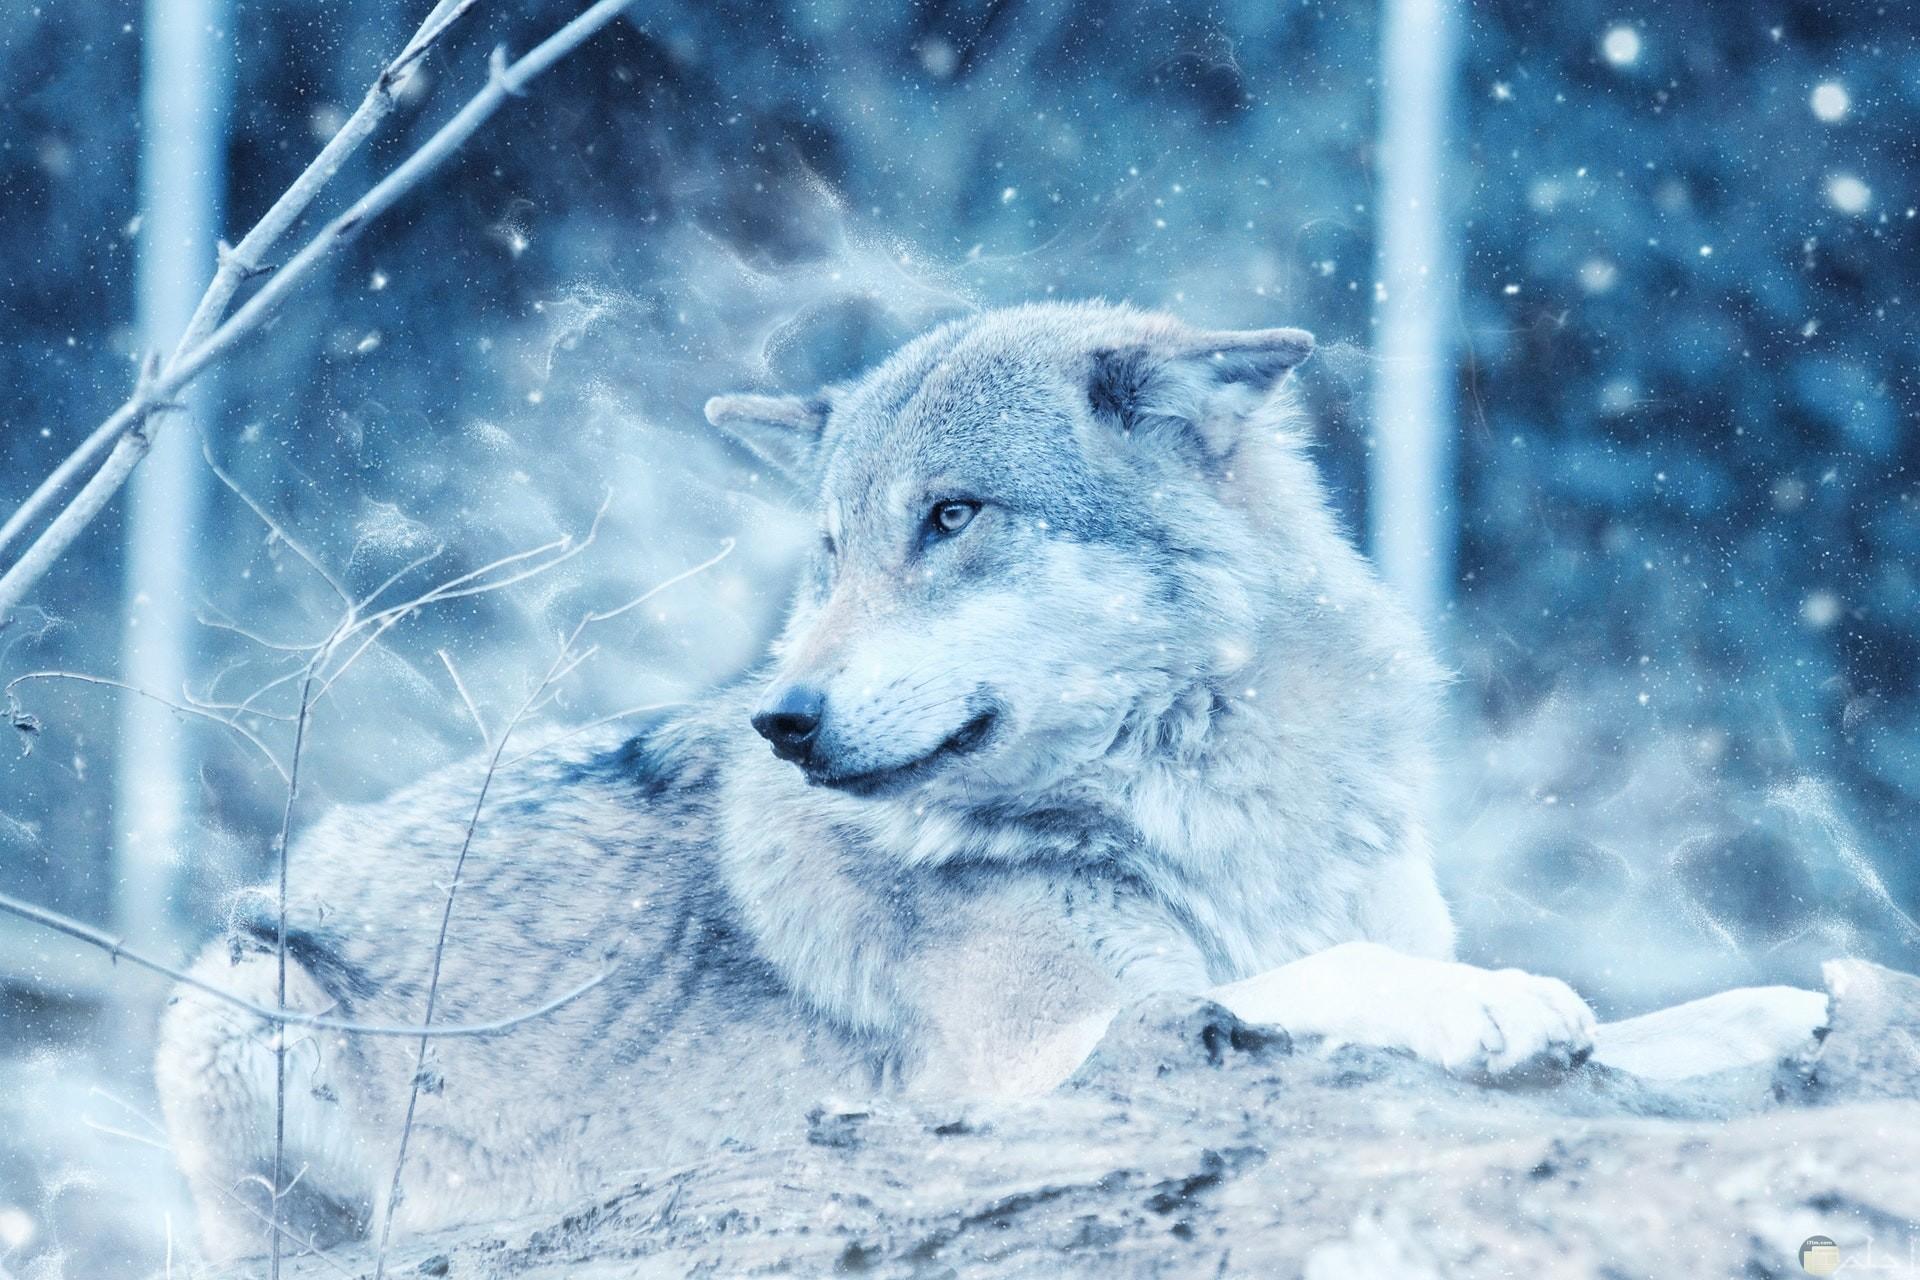 صورة جميلة لذيب جالس وسط تساقط الثلوج من حوله